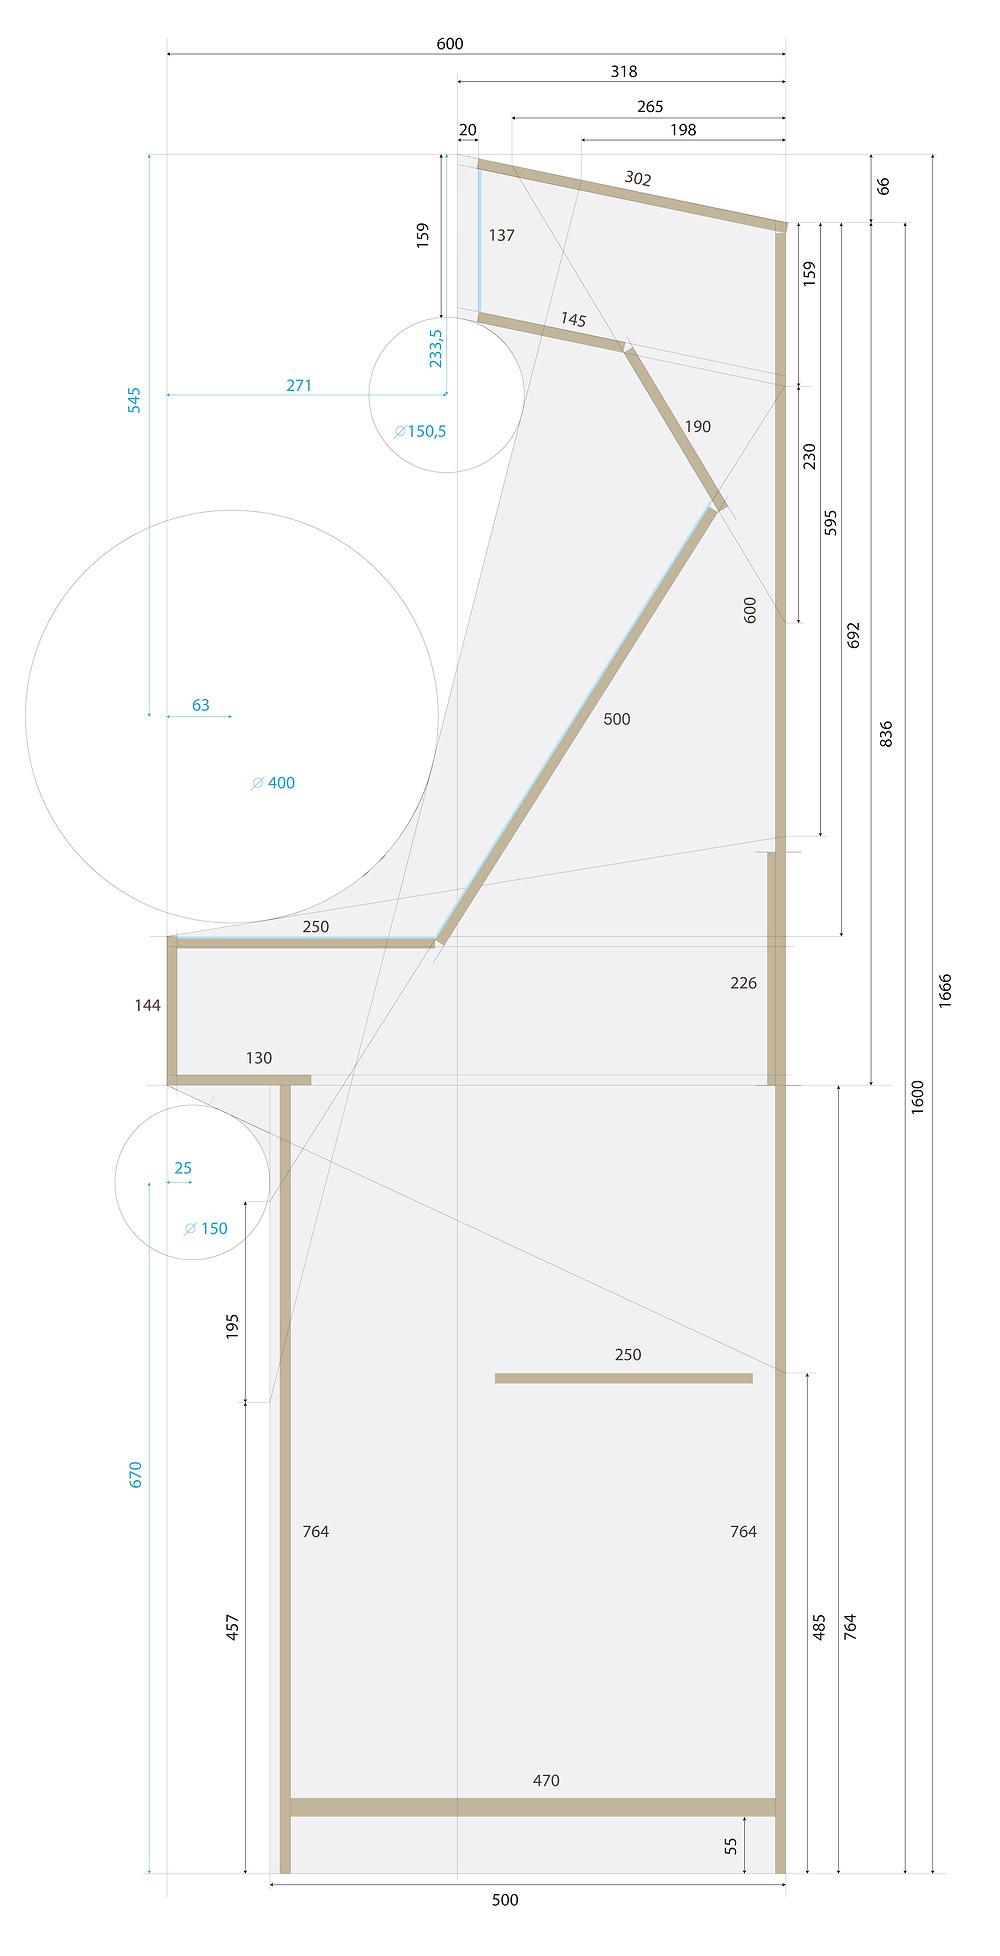 schéma et plan borne d'arcade de jeux